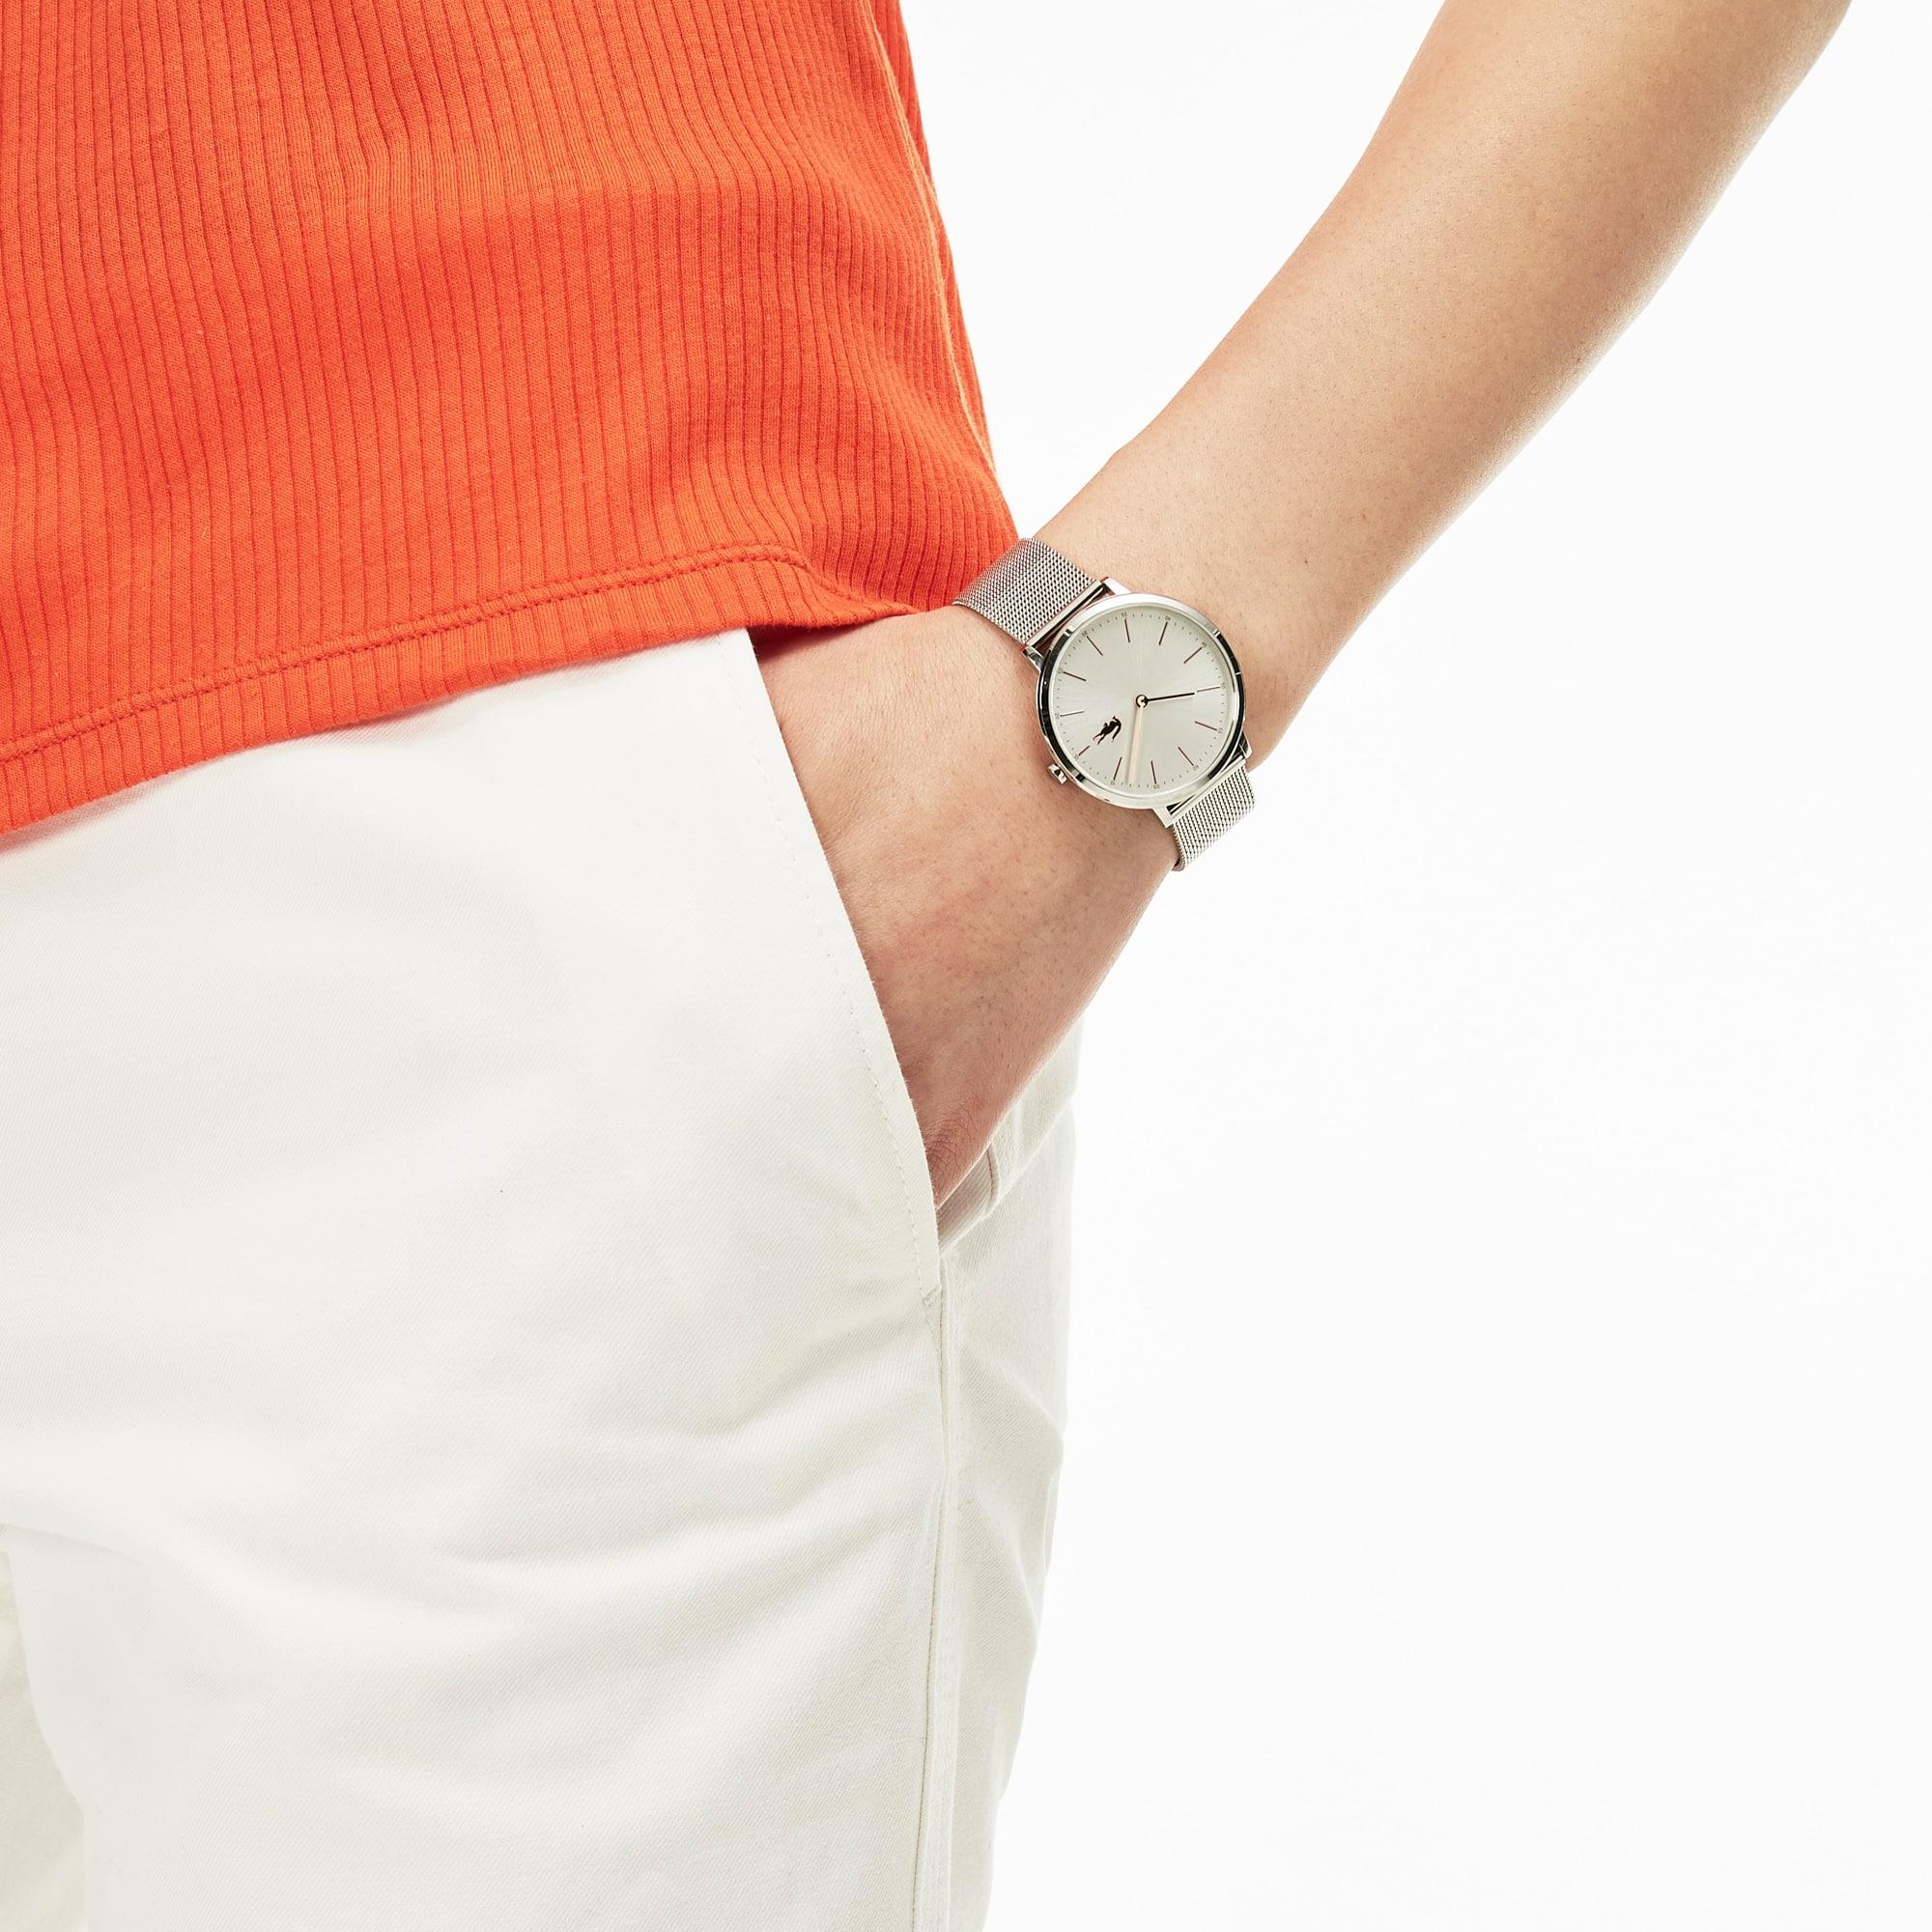 Orologio ultra sottile Moon da donna con cinturino a bracciale con maglie in acciaio inossidabile